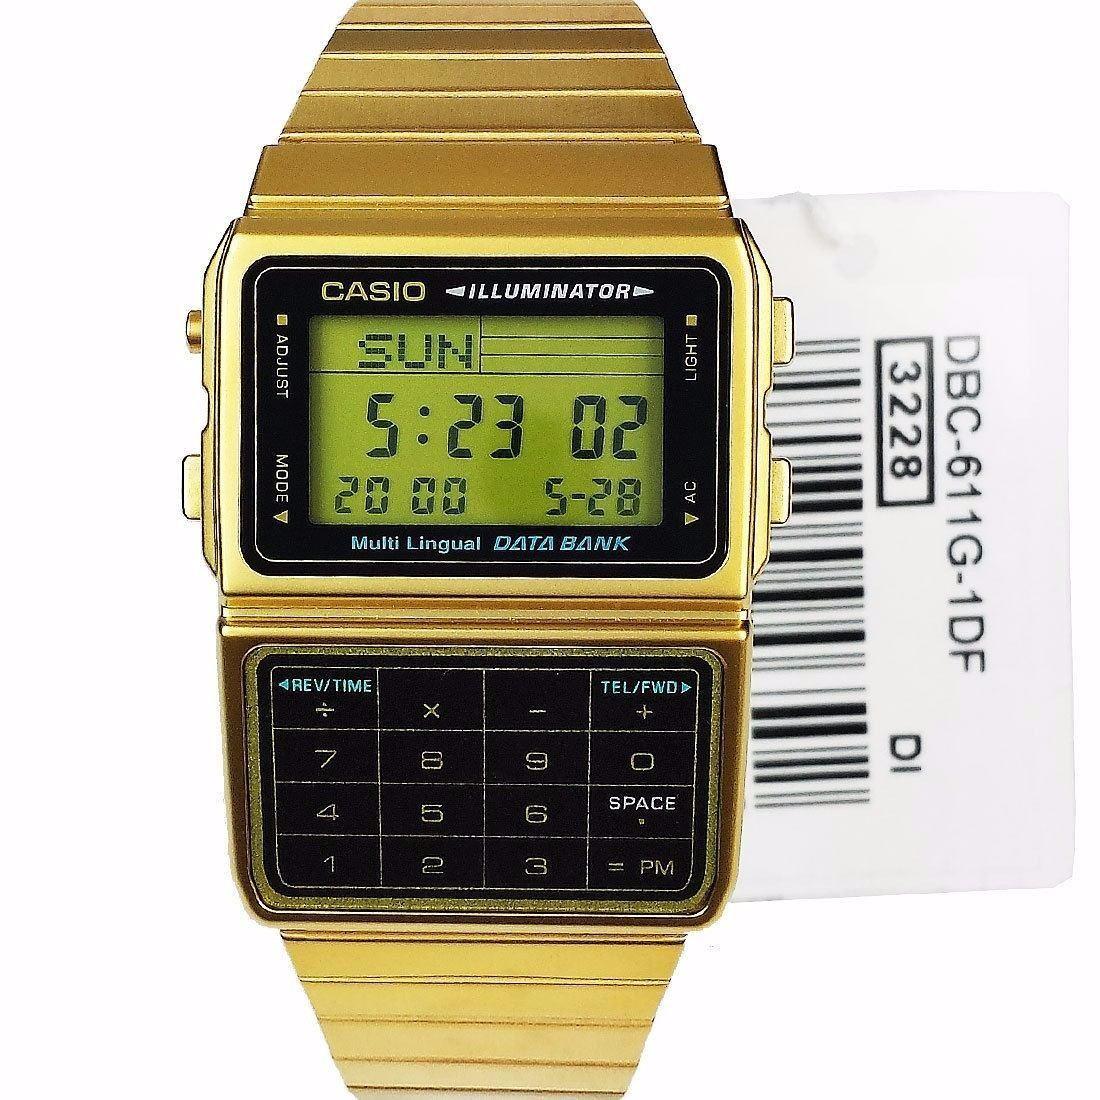 b3a8c83cdef4 reloj casio retro dbc 611 dorado data bank 25 memorias luz. Cargando zoom.